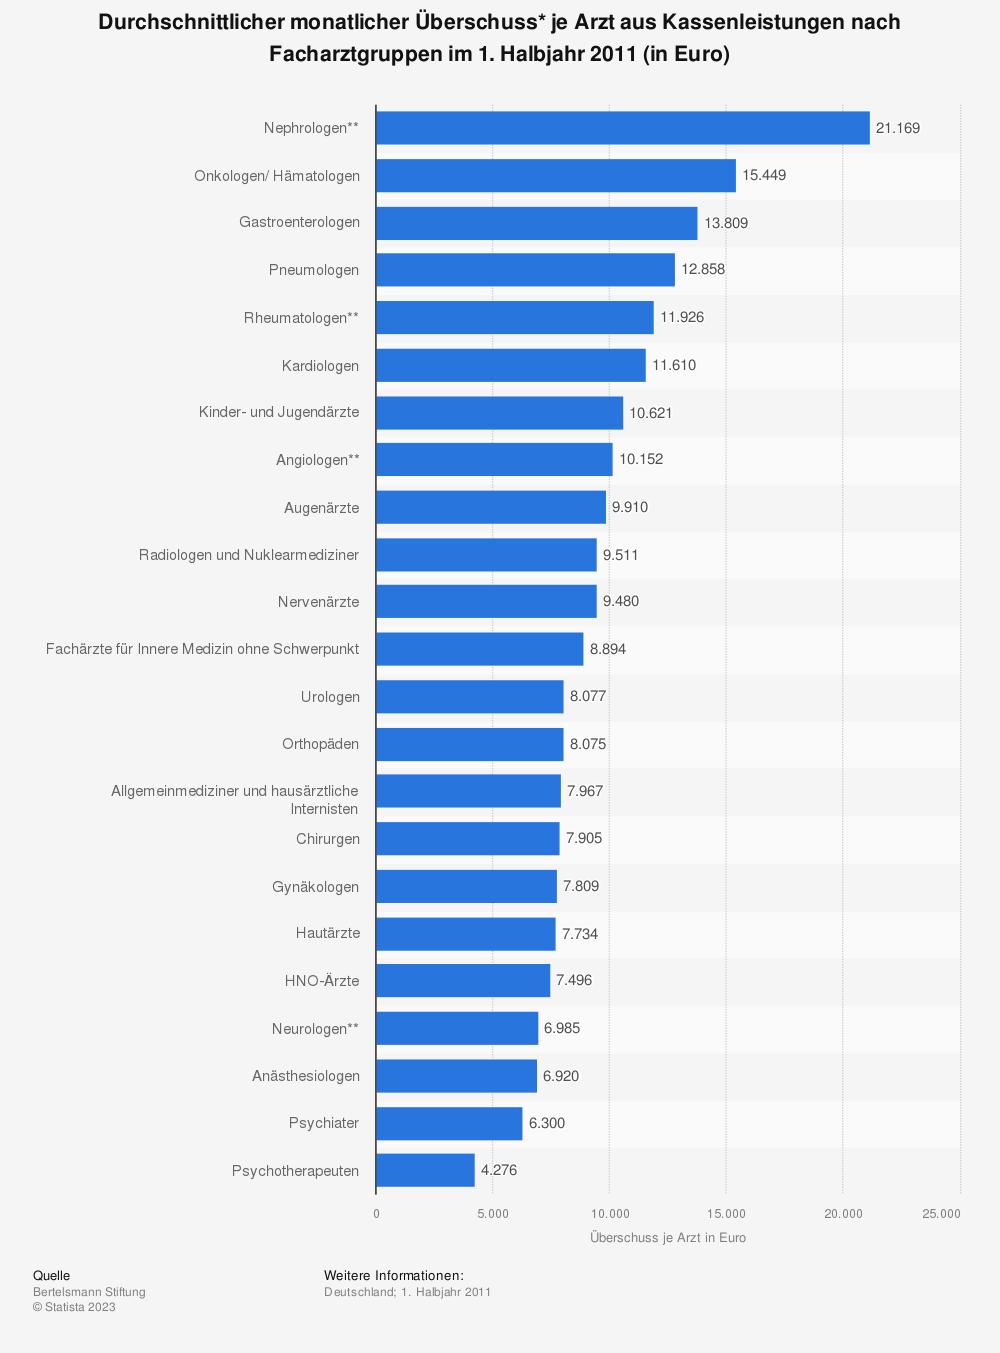 Statistik: Durchschnittlicher monatlicher Überschuss* je Arzt aus Kassenleistungen nach Facharztgruppen im 1. Halbjahr 2011 (in Euro) | Statista